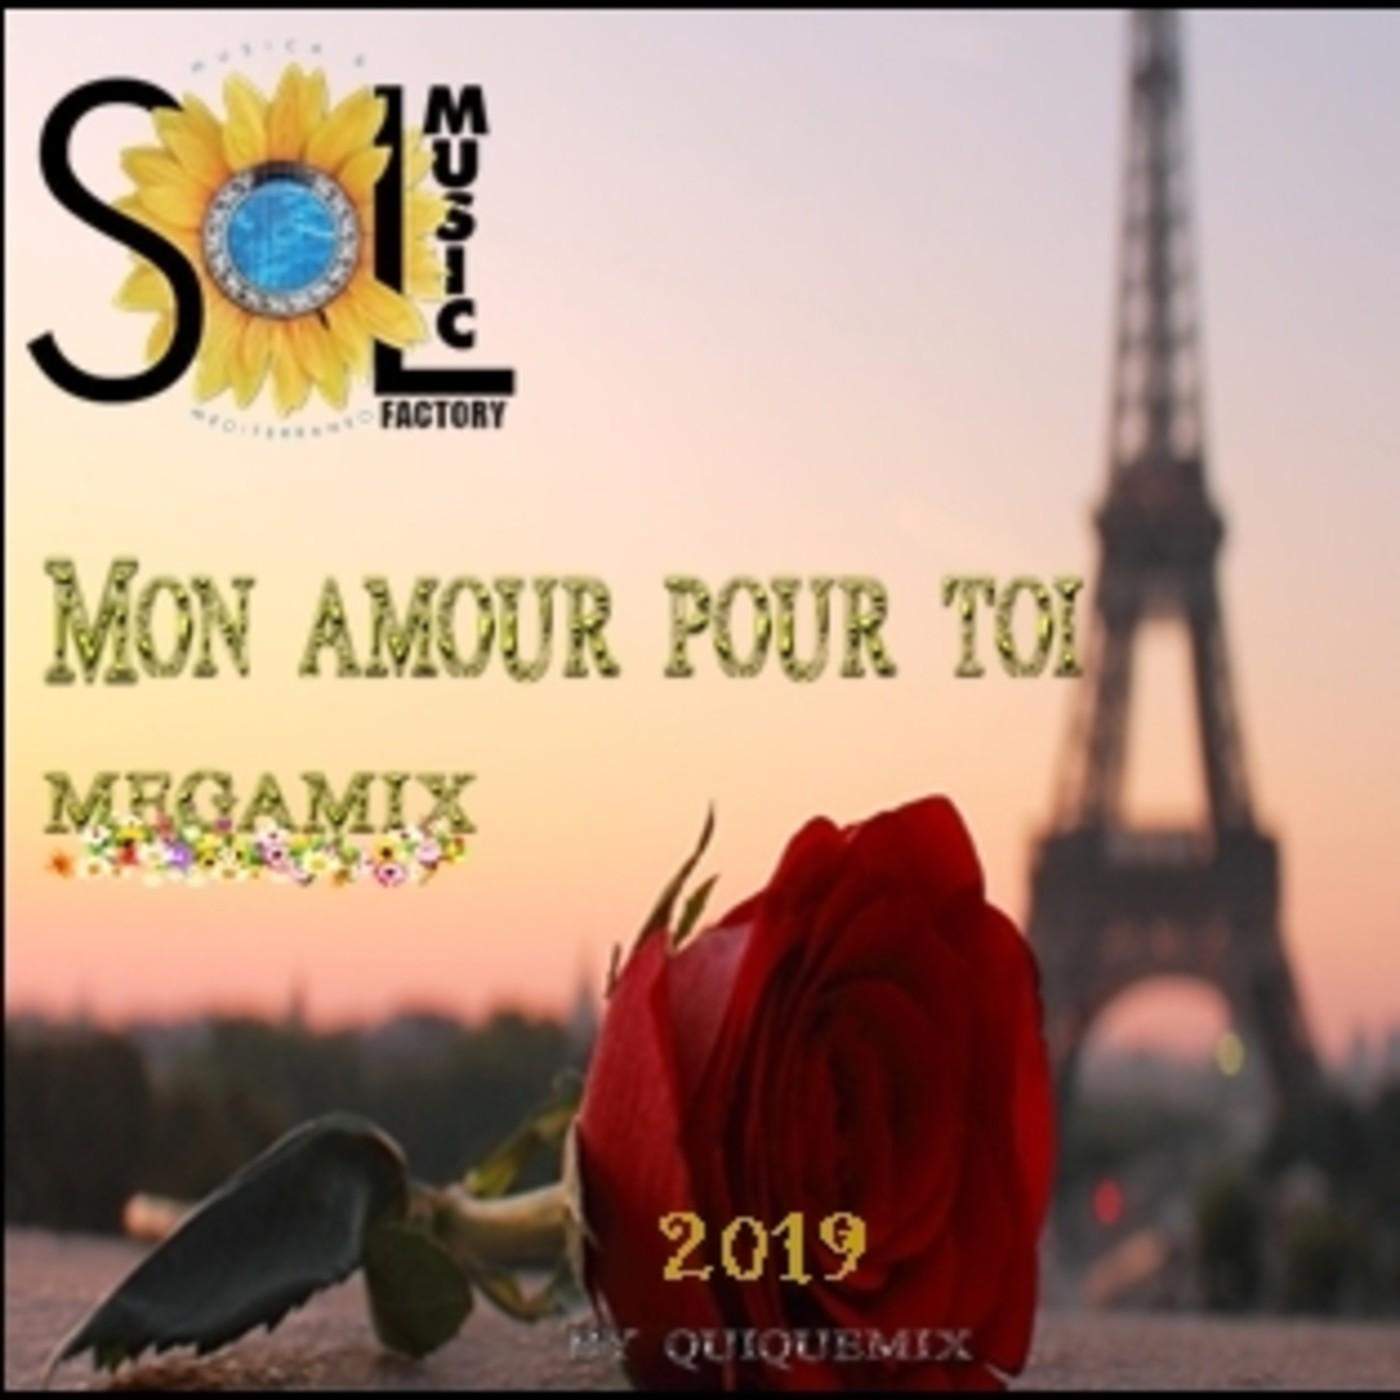 Mon Amour Pour Toi 2019 En Quiquemix En Mp30702 A Las 09